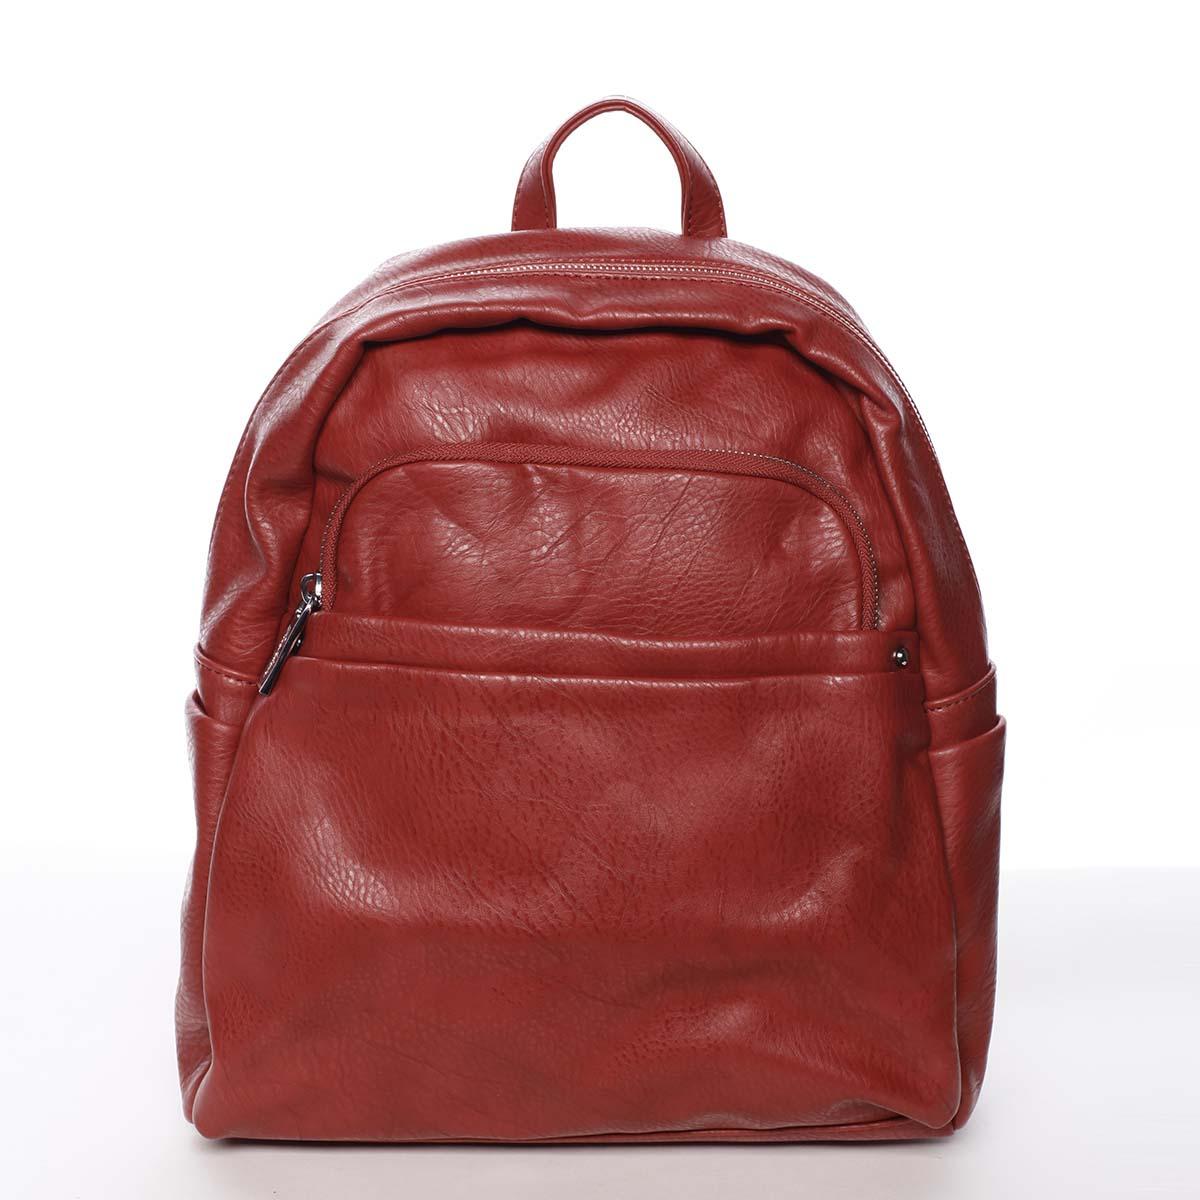 Stredný mestský dámsky červený ruksak - Silvia Rosa Jimm